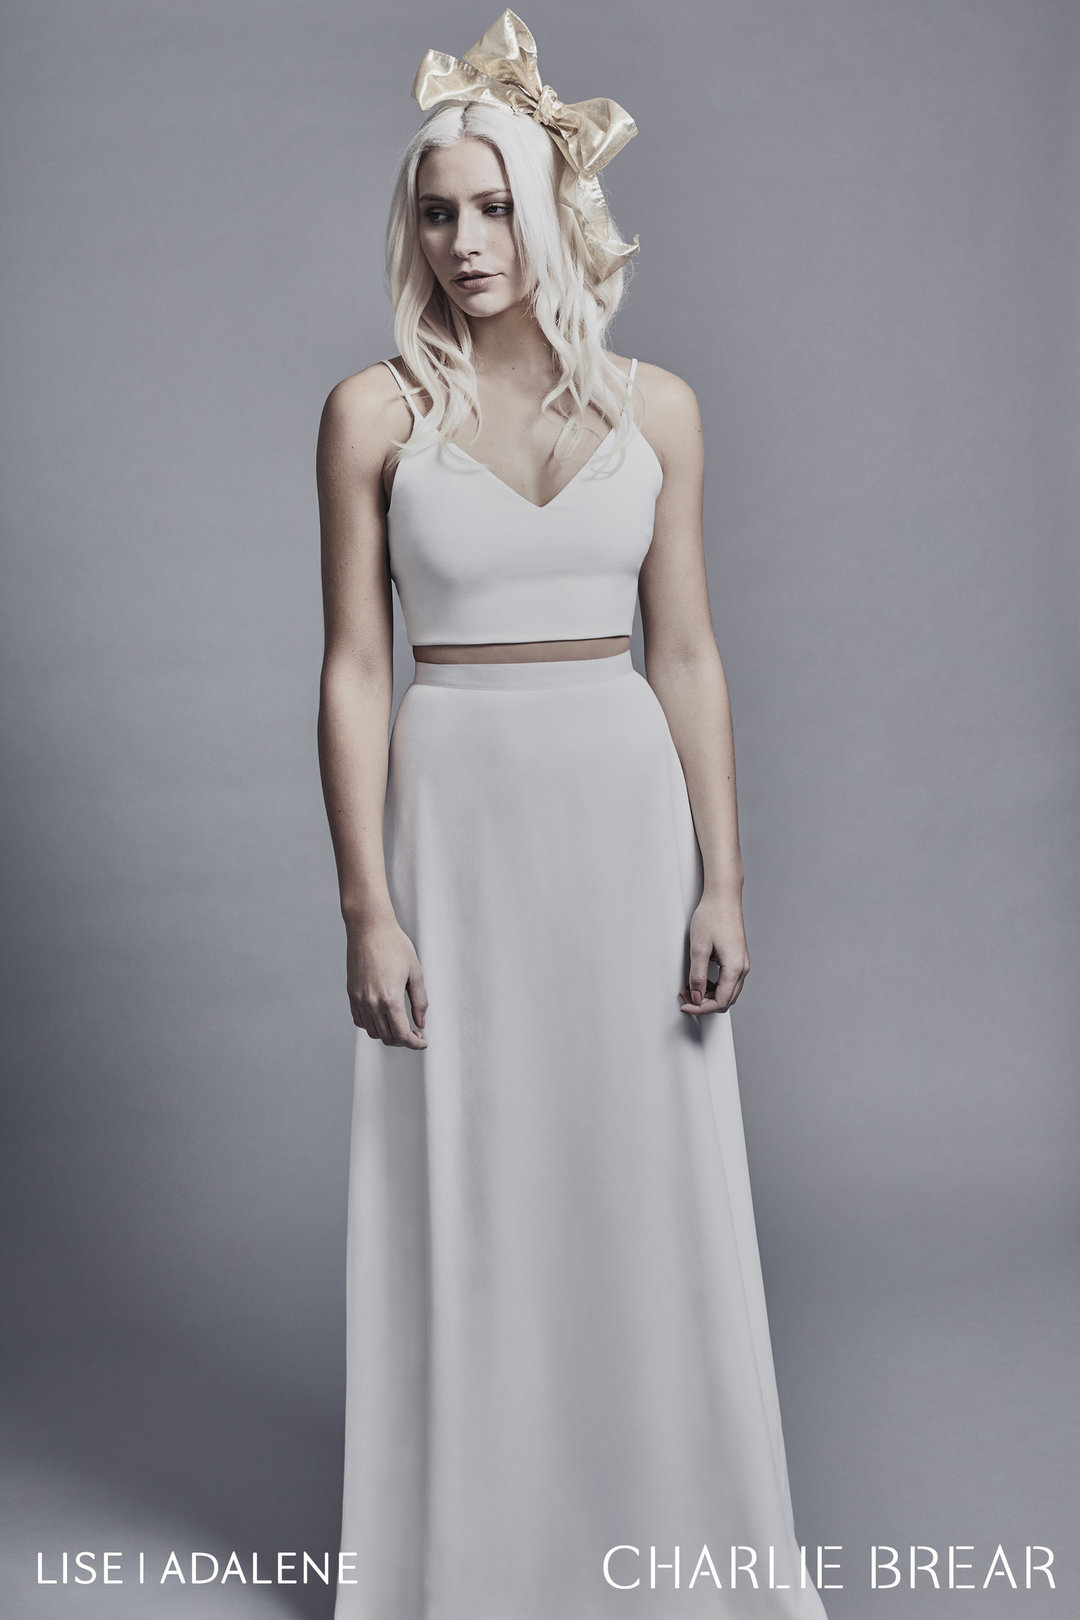 lise top & adalene skirt dress photo